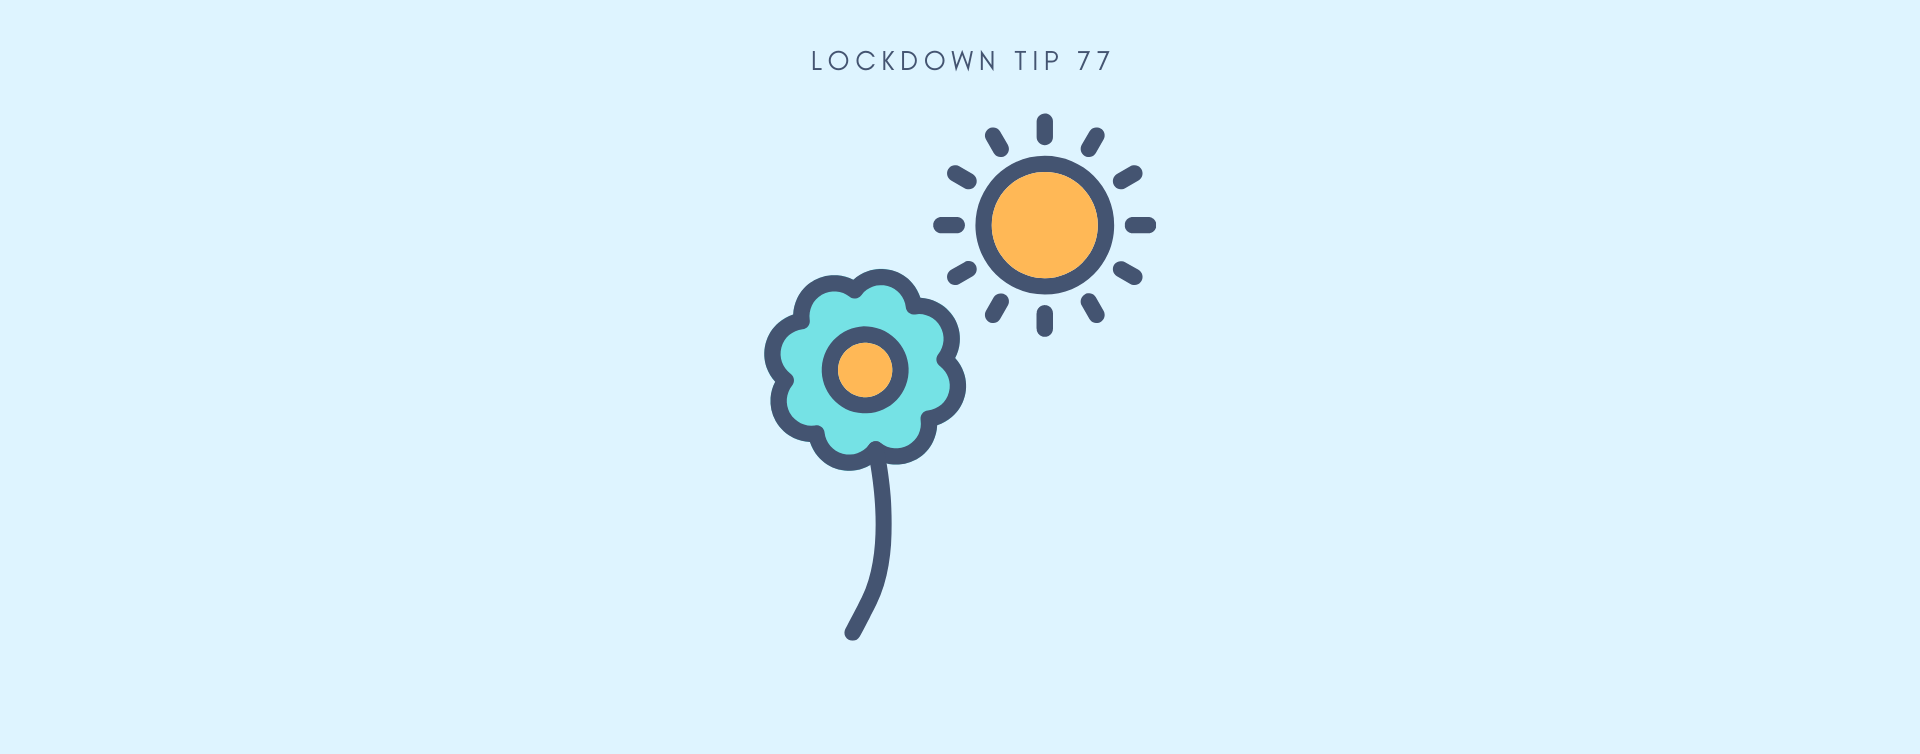 MCSA Lockdown Tip 77